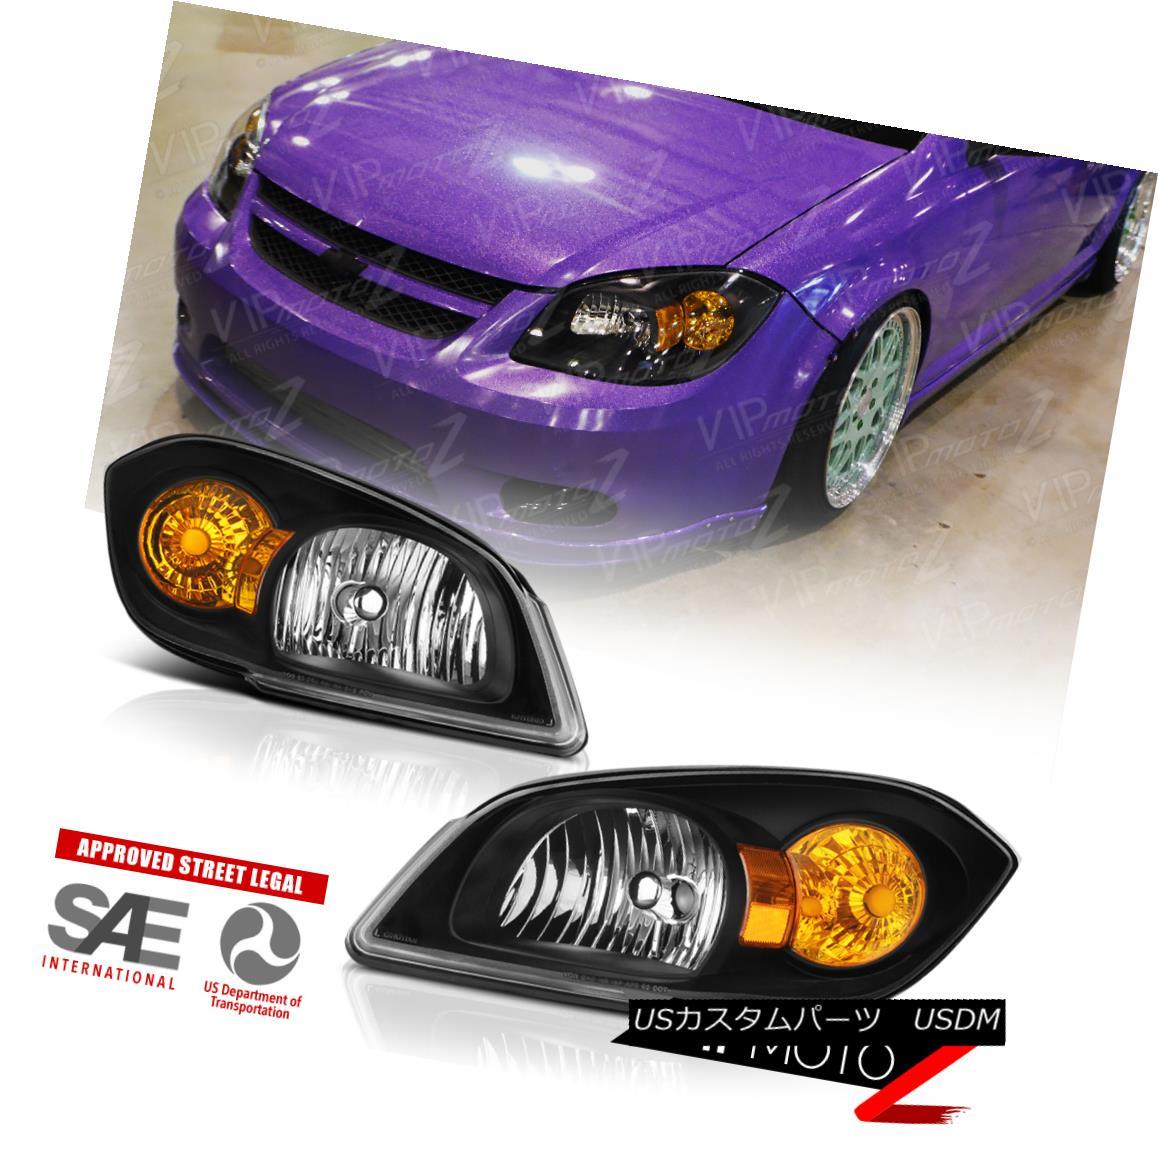 ヘッドライト 05-10 Chevrolet Cobalt Pontiac G5 Infinity Black